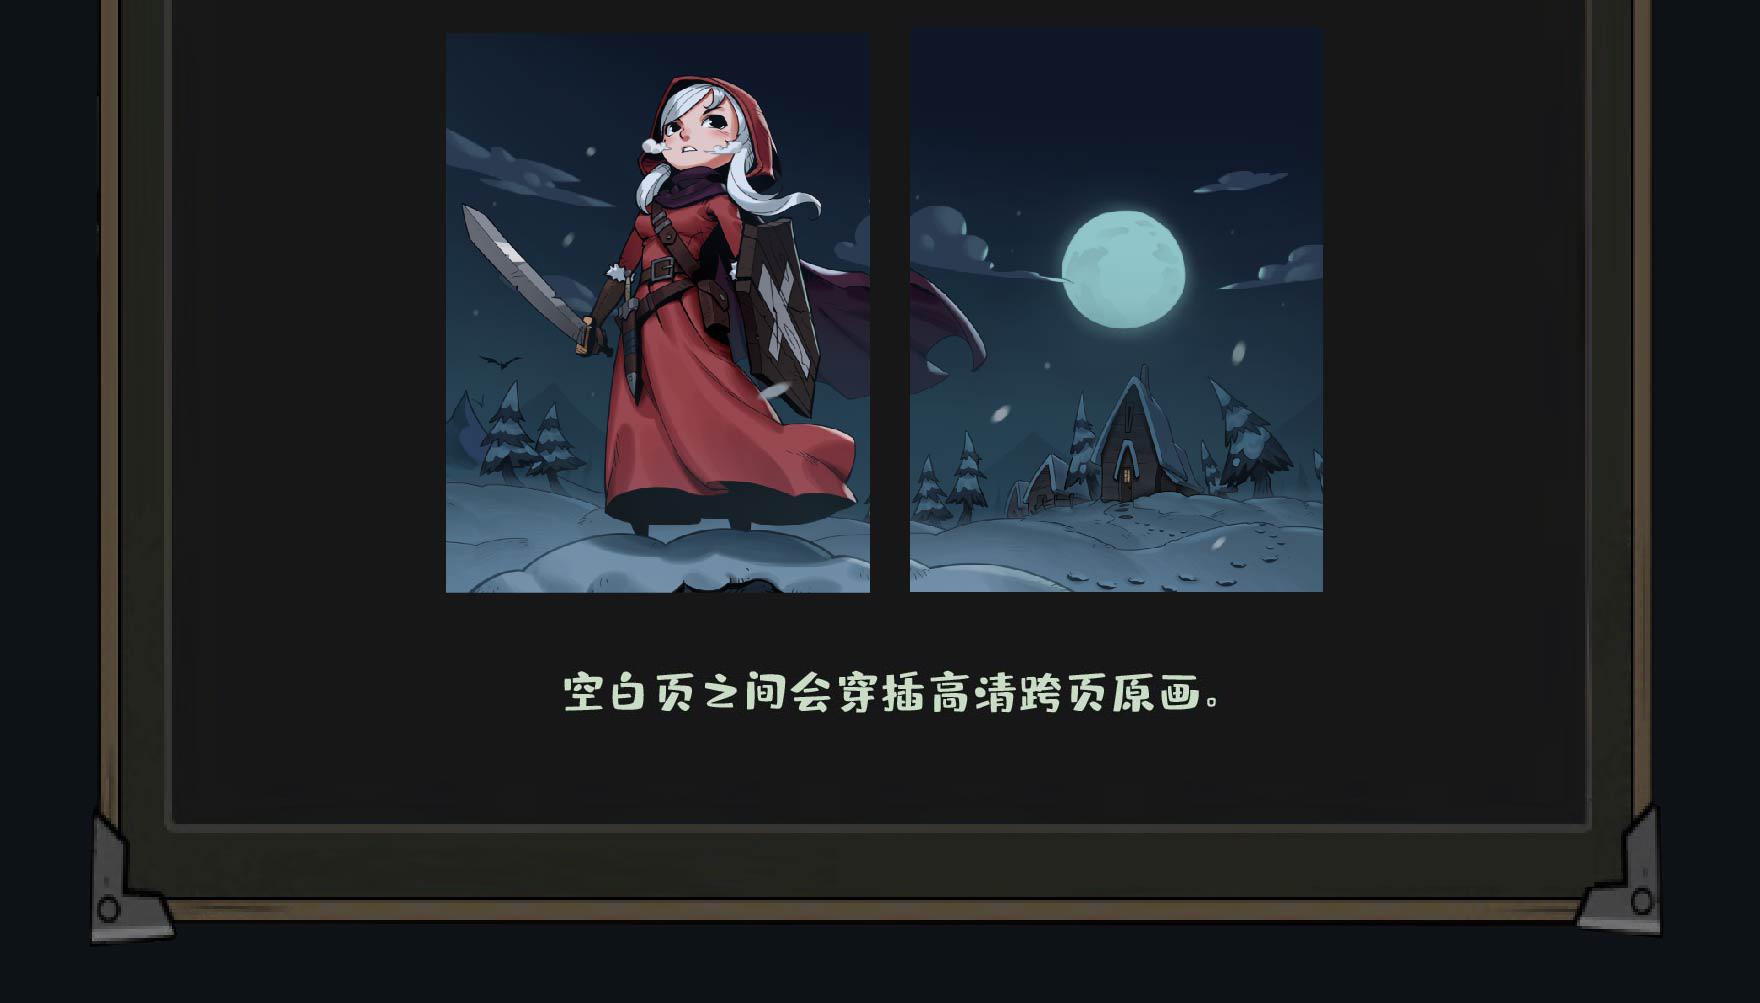 月圆之夜(3-21.jpg